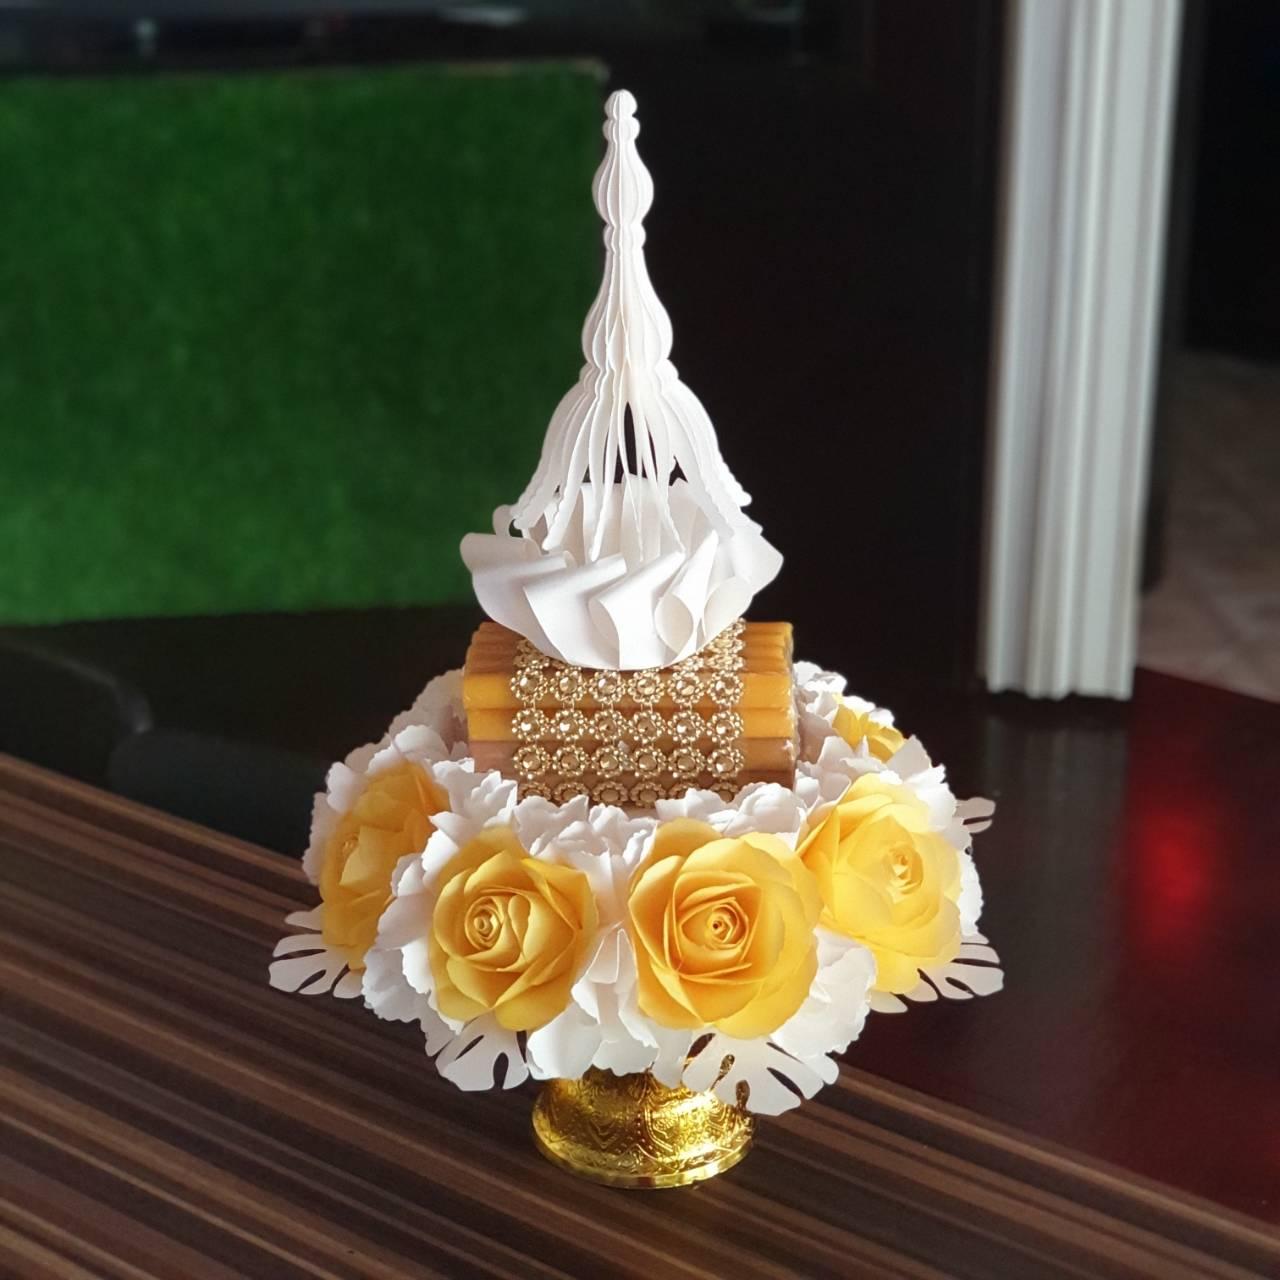 พาน ขันหมาก พานเทียนแพ แพคเกจ แต่งงาน ฉาก ดอกไม้ งานแต่ง